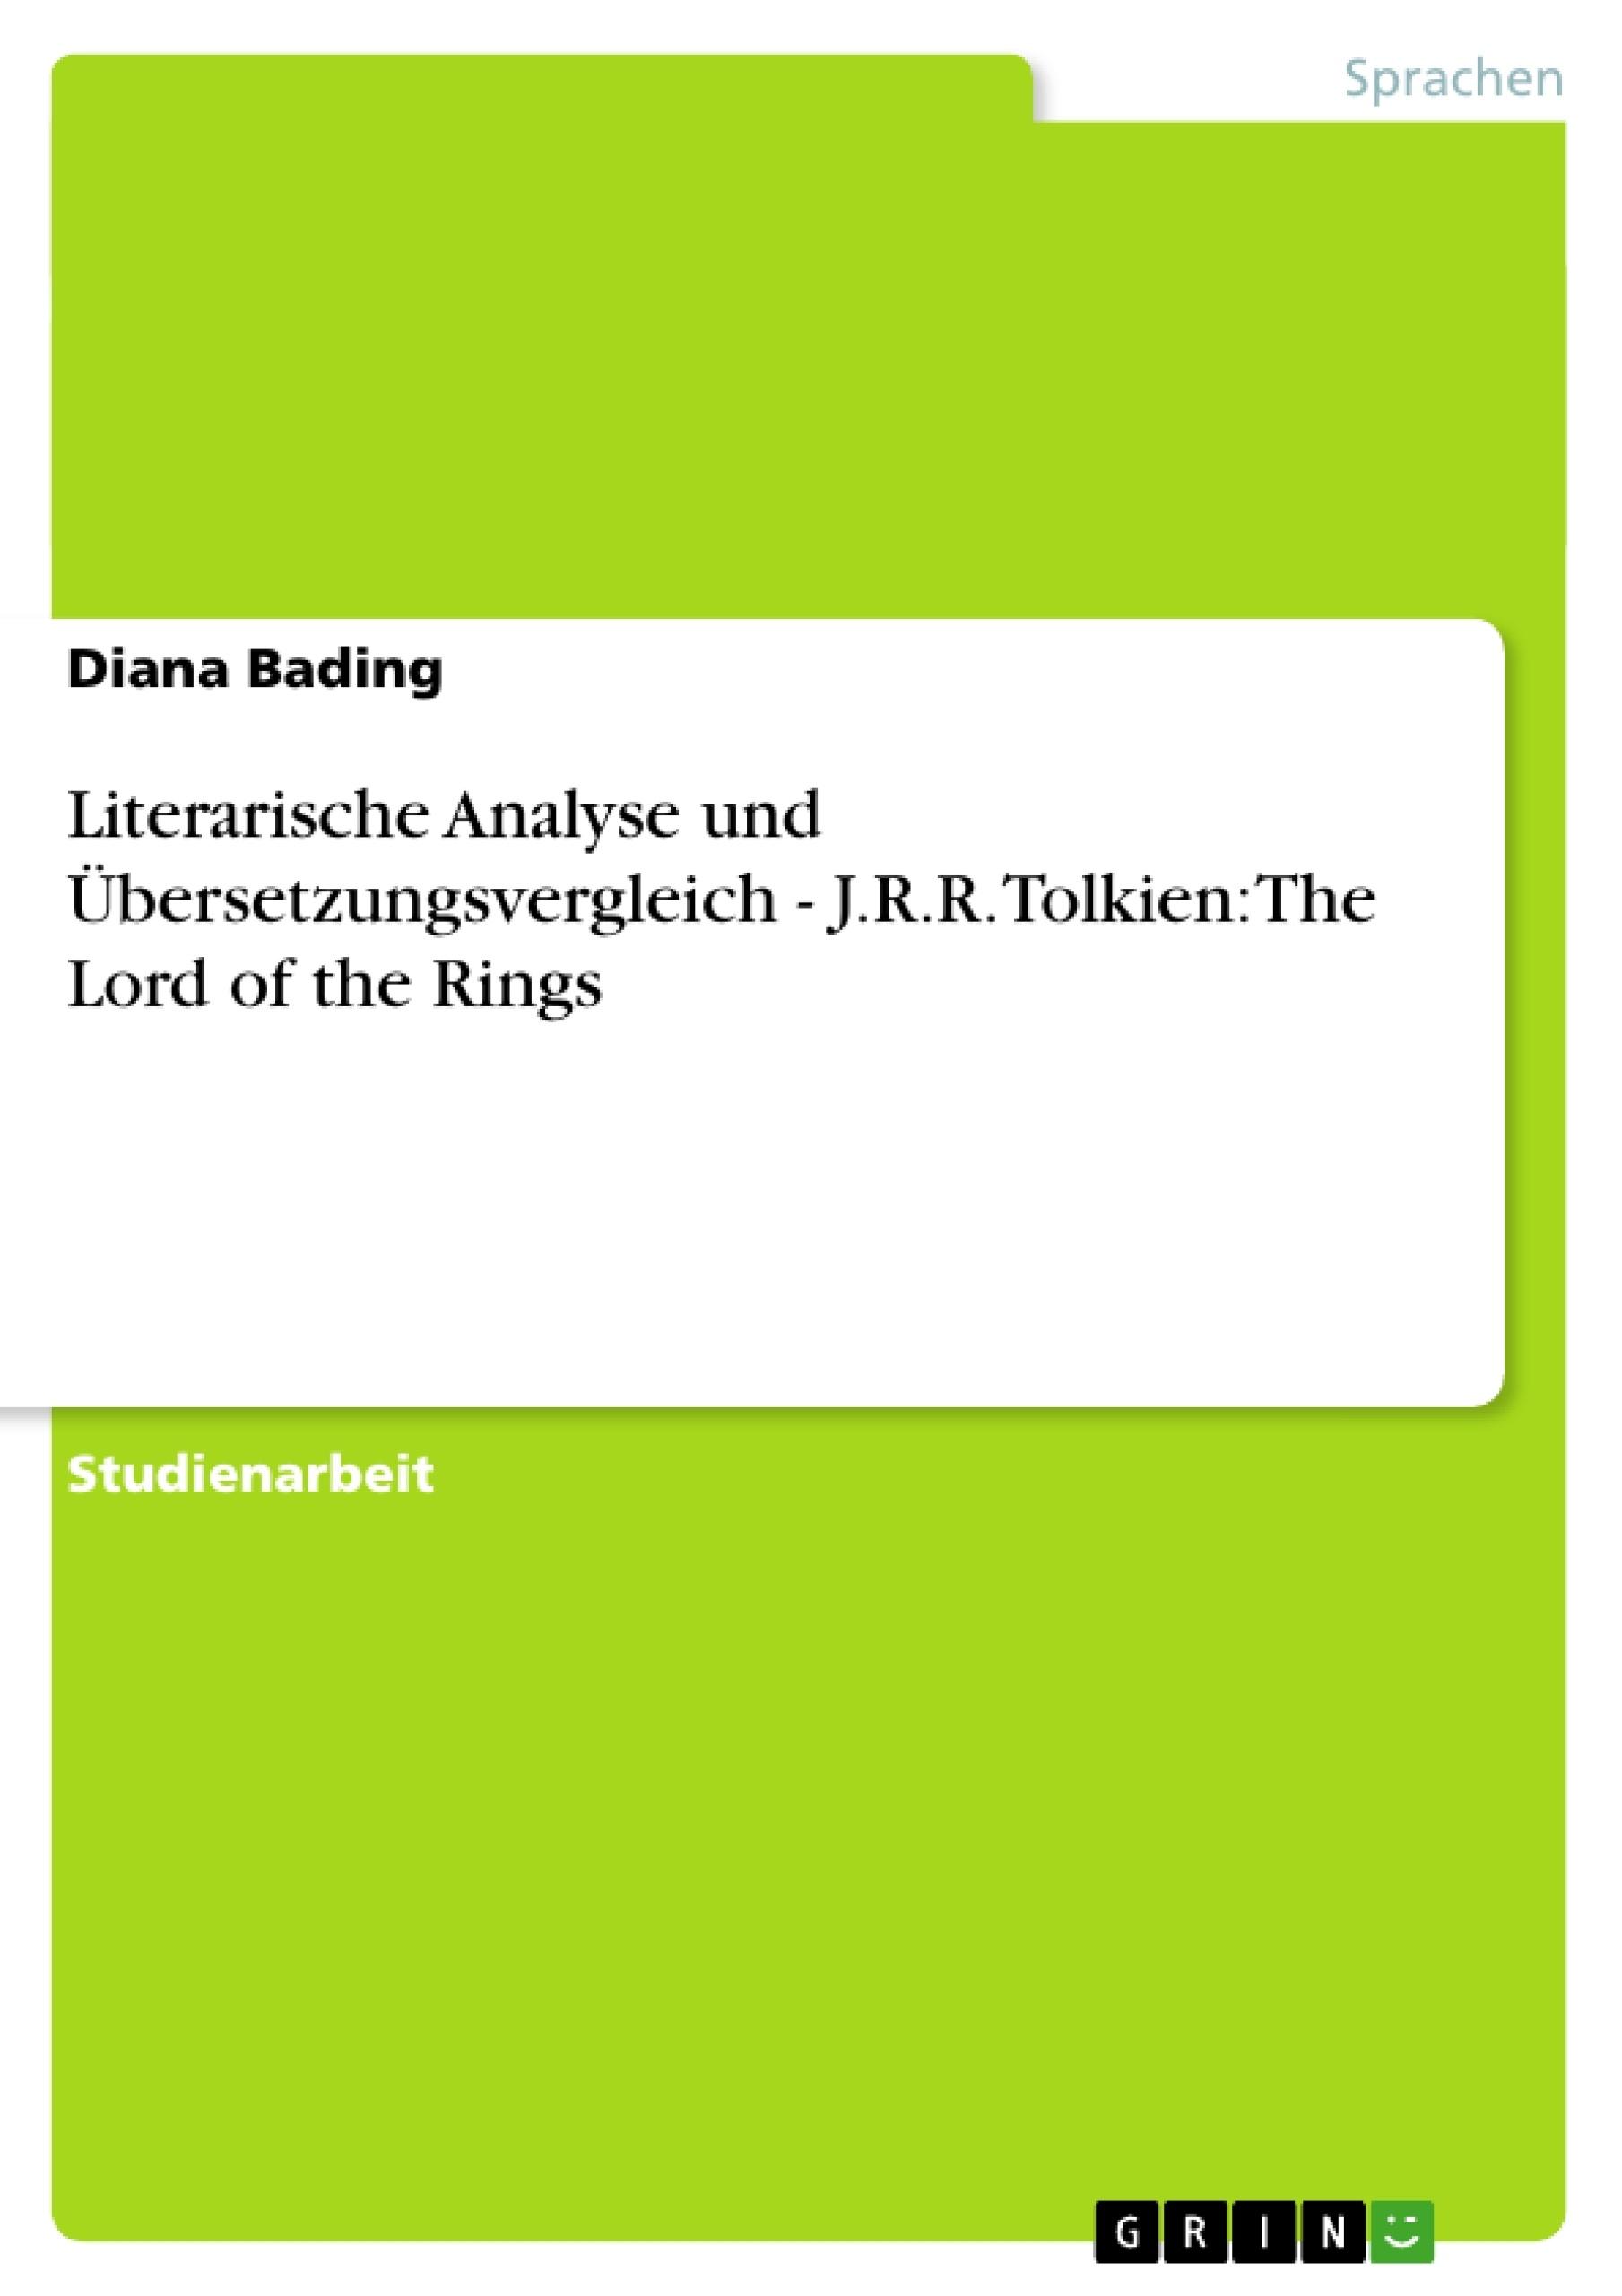 Titel: Literarische Analyse und Übersetzungsvergleich - J.R.R. Tolkien: The Lord of the Rings